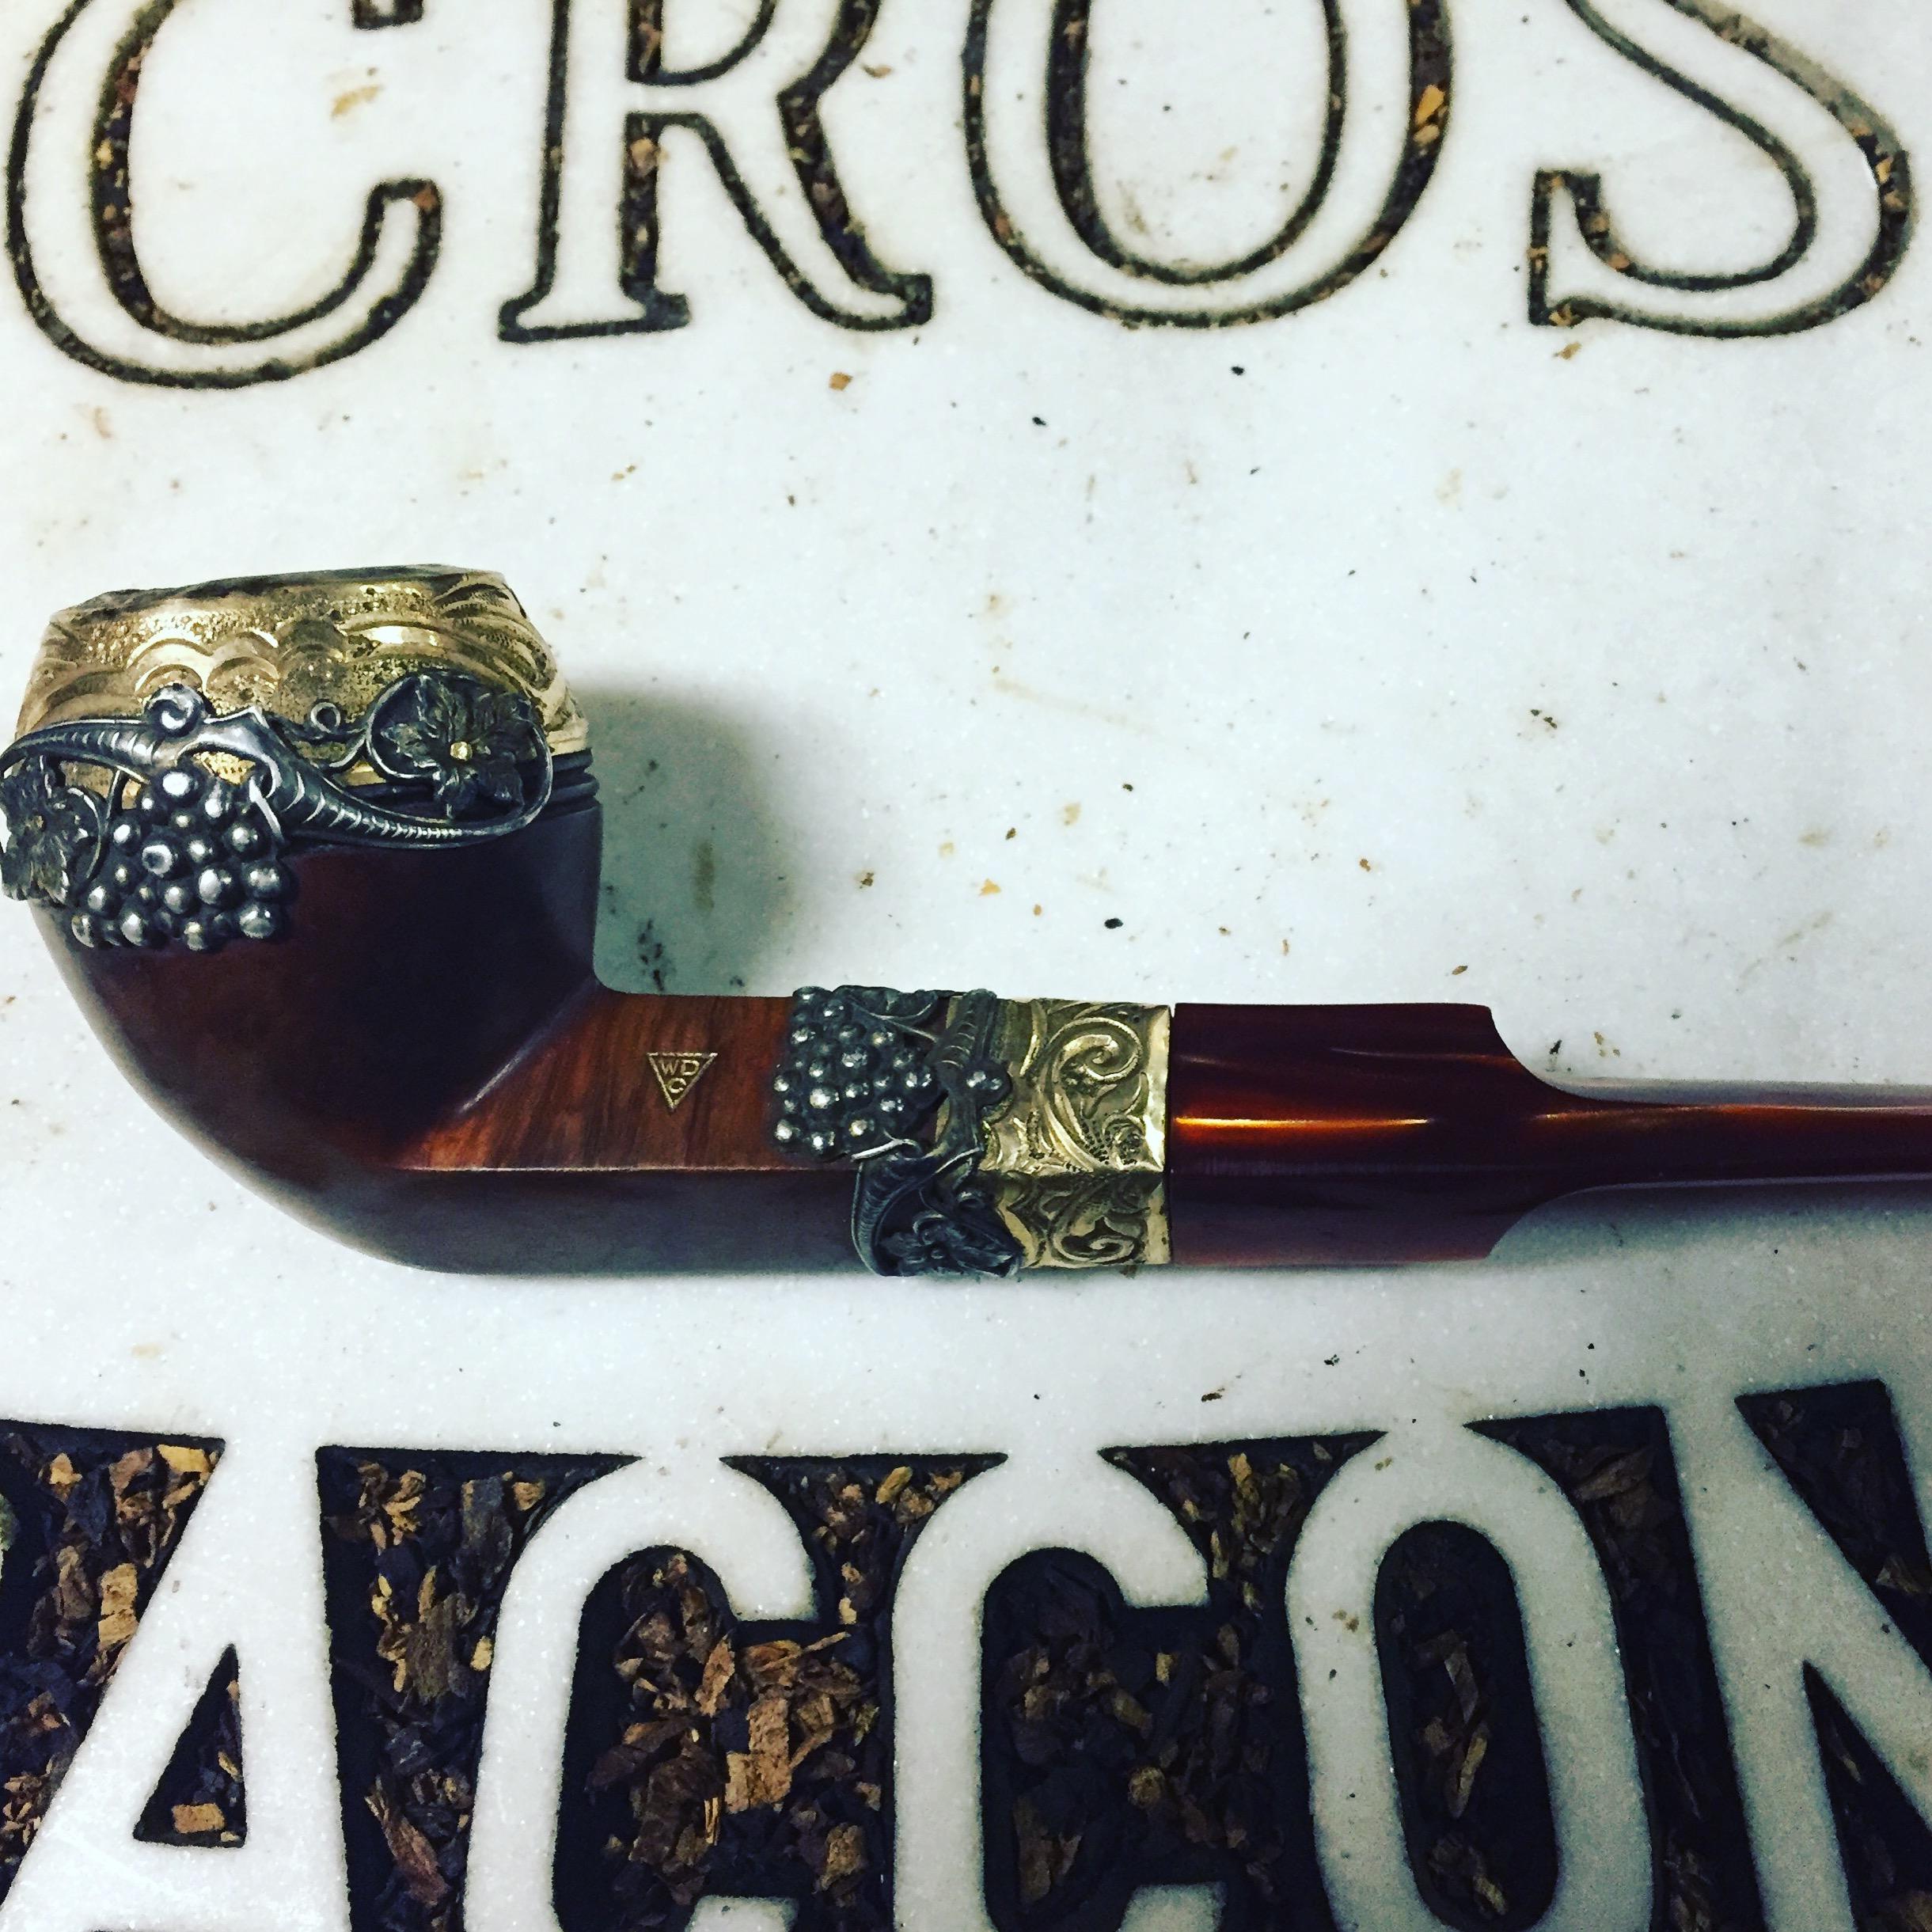 wdc estate pipe